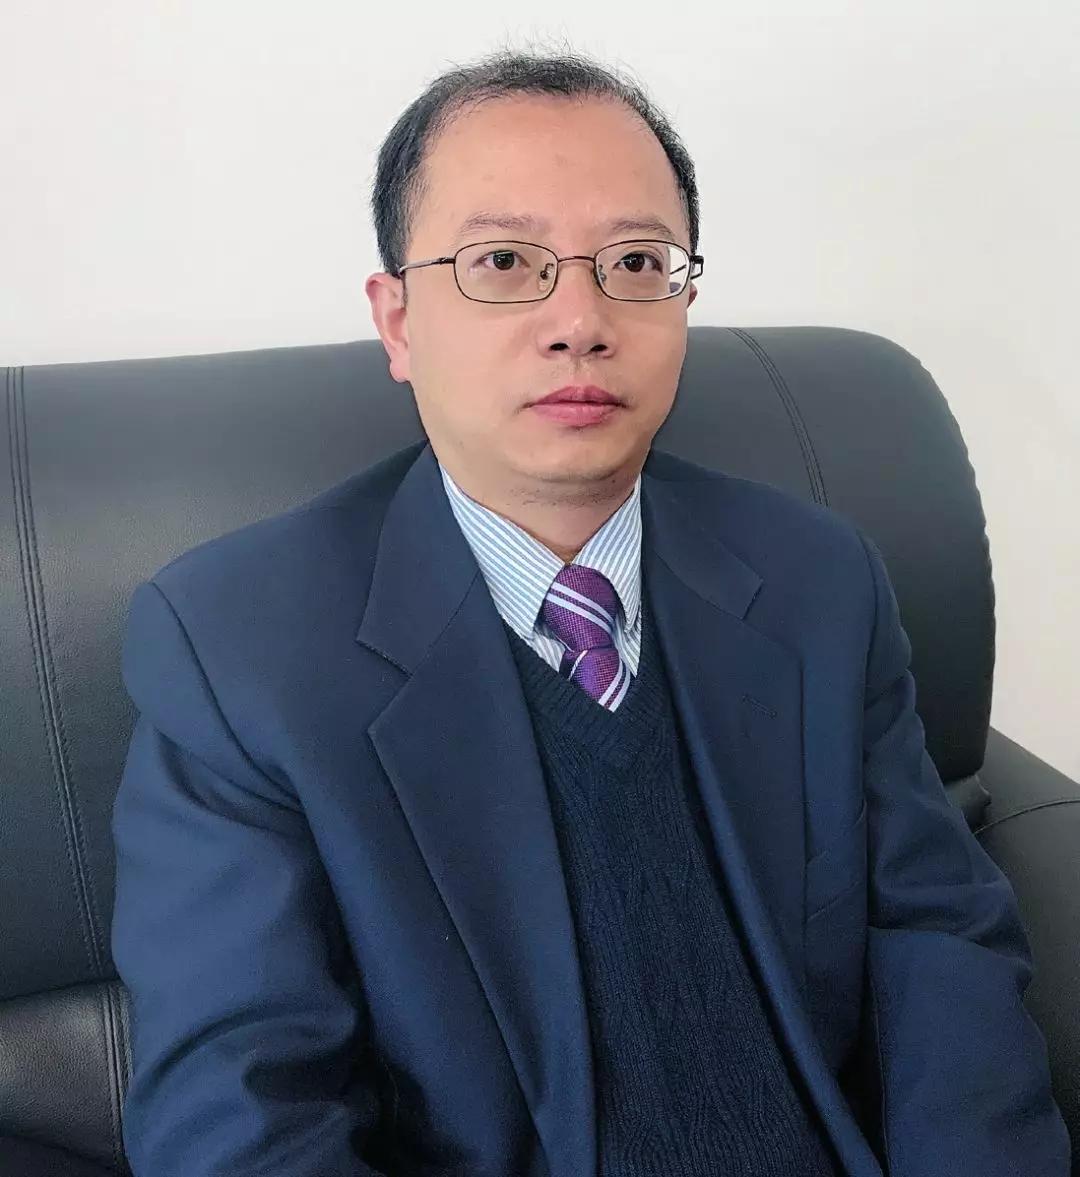 中国光大银行信息科技部总经理助理邵理煜